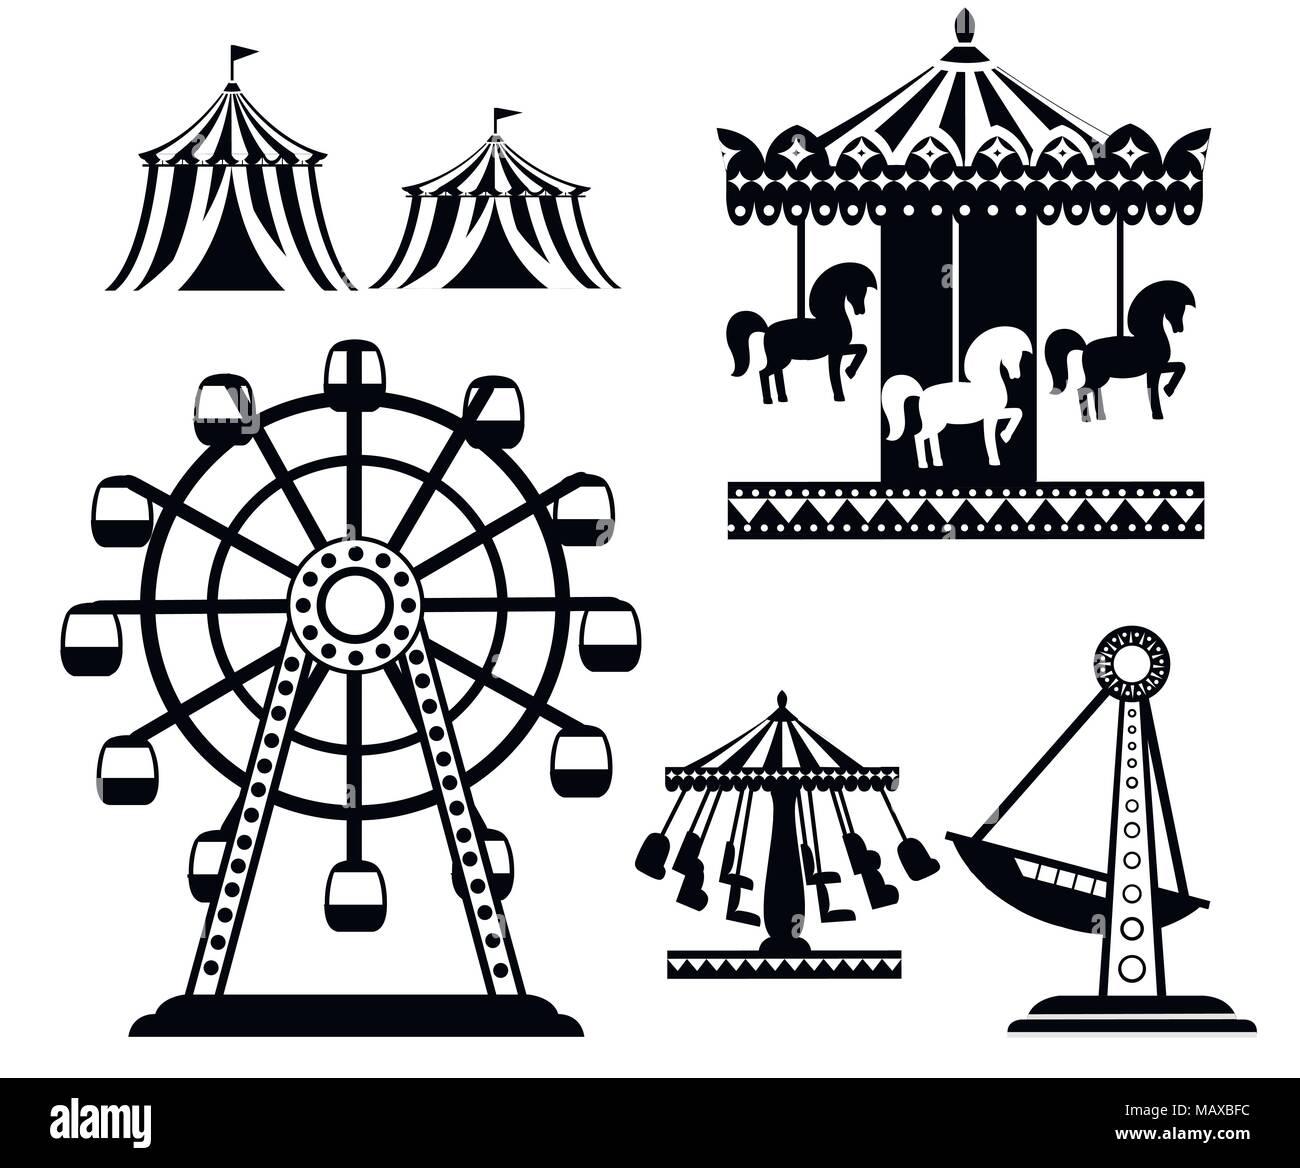 Silhouette noire. Ensemble de cirque carnaval d'icônes. Collection du parc d'attractions. Tente, carrousel, grande roue, bateau pirate. Cartoon style design. Mauvais vecteur Illustration de Vecteur